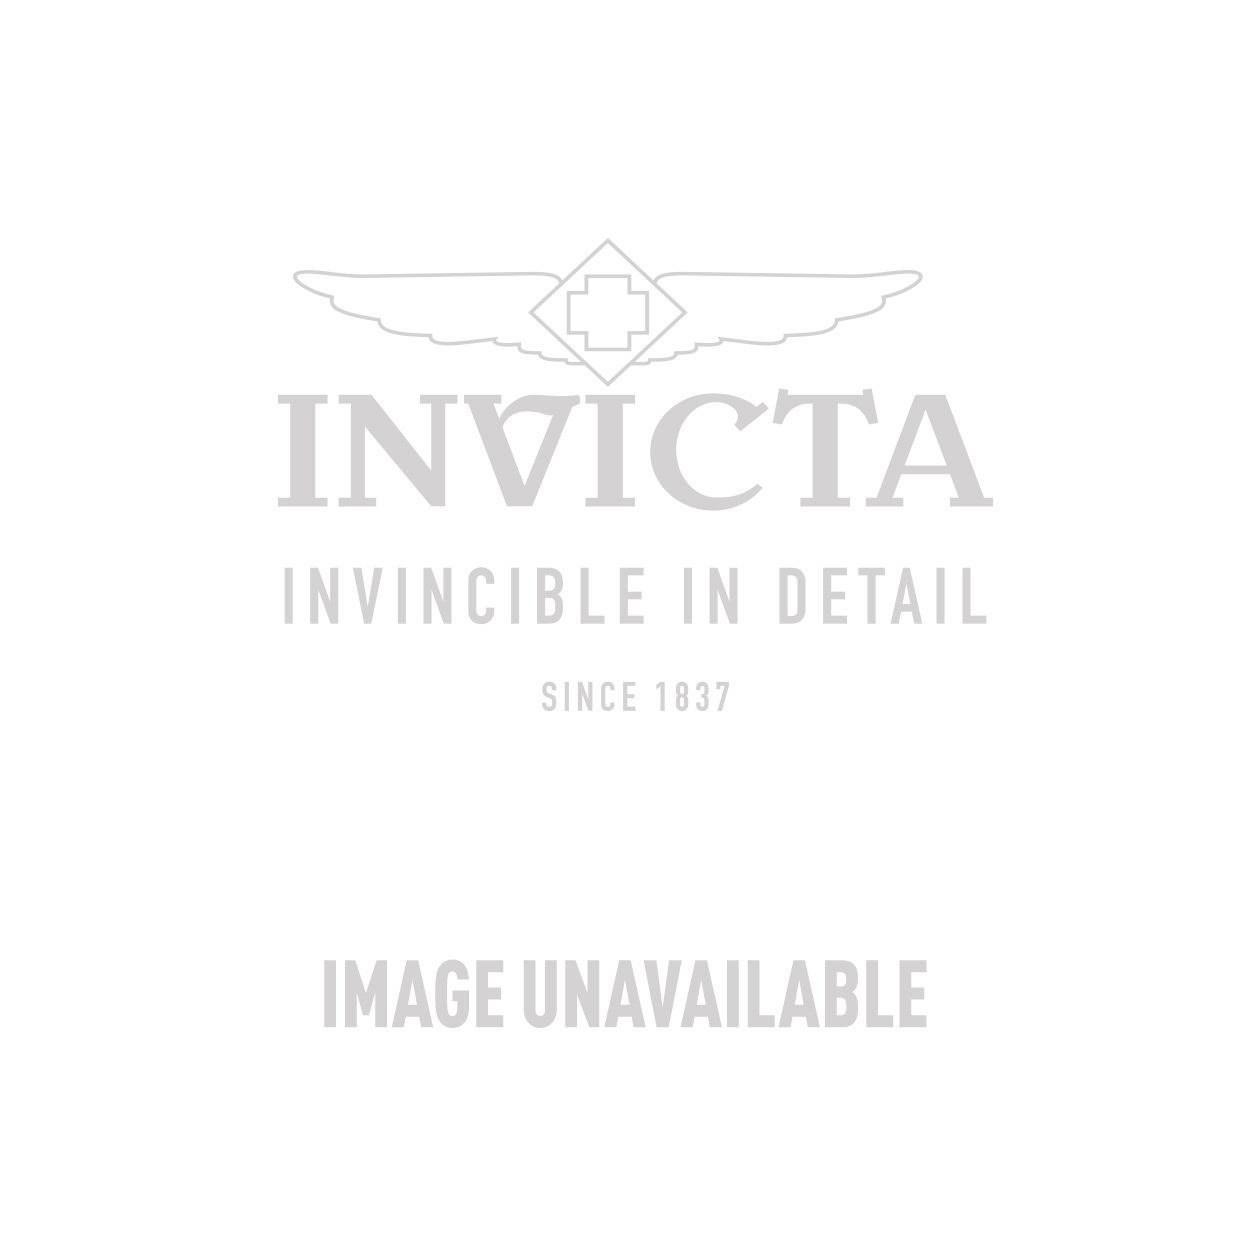 Invicta Model  22960